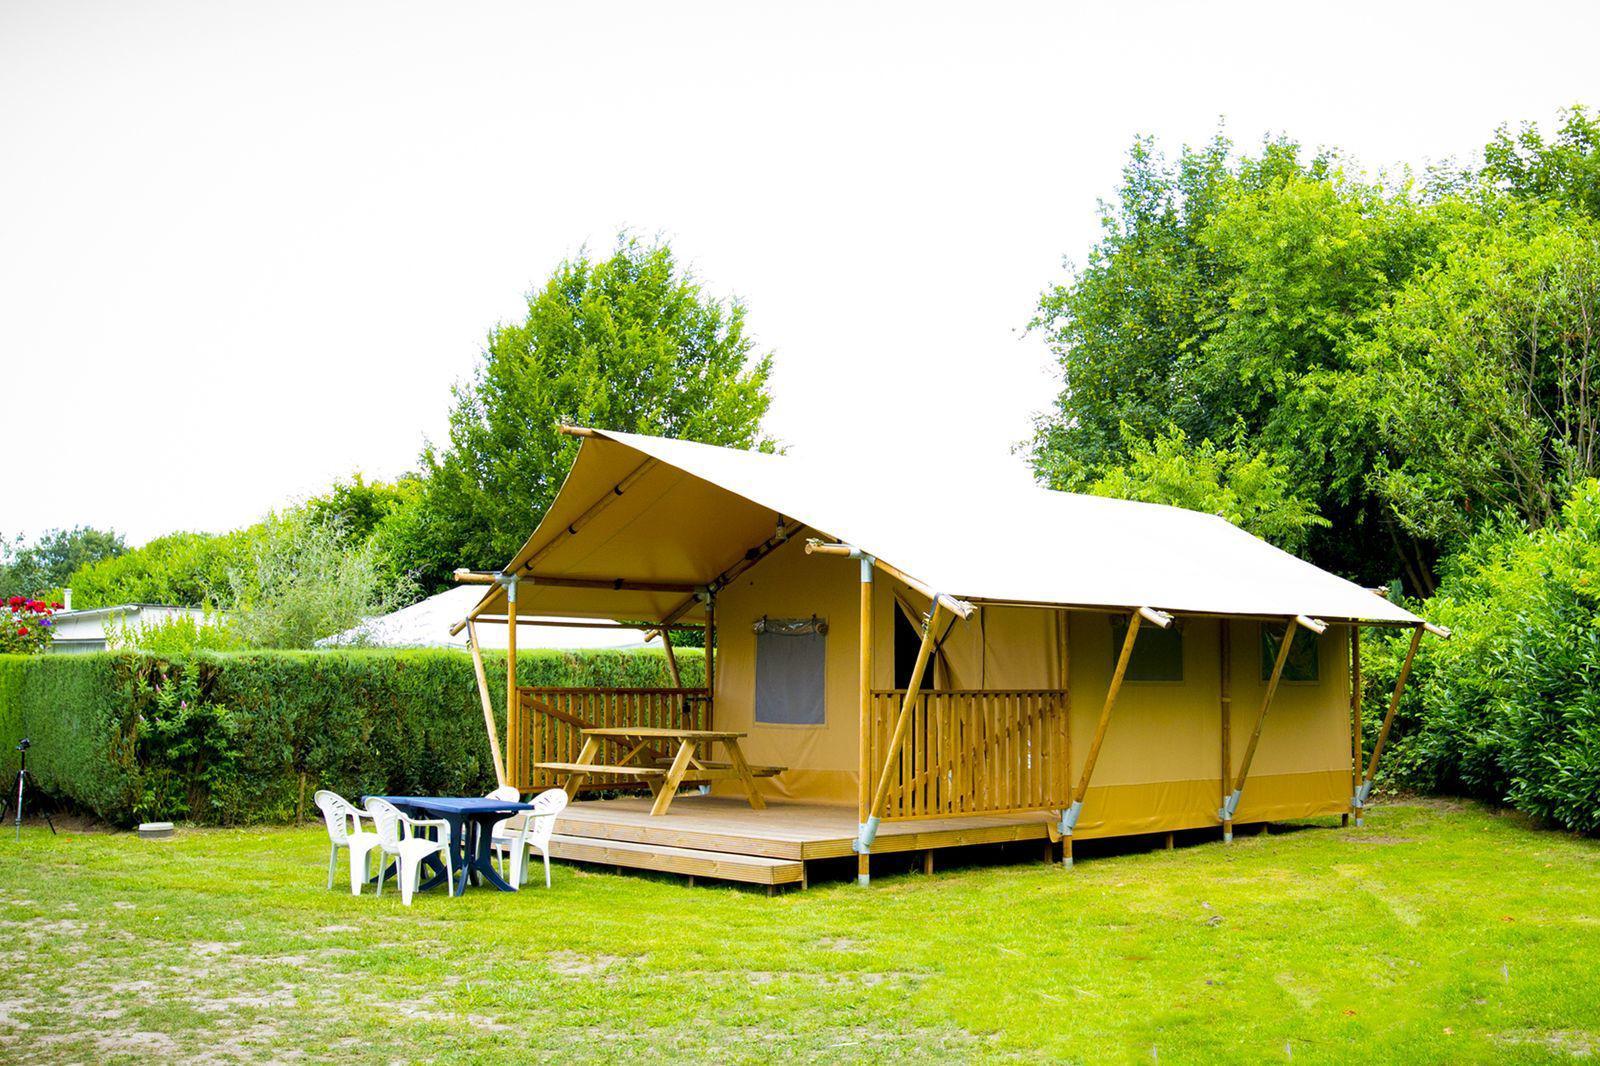 Bungalowtent Deluxe voor 5-personen in Noord-Brabant | Recreatiepark Duinhoeve